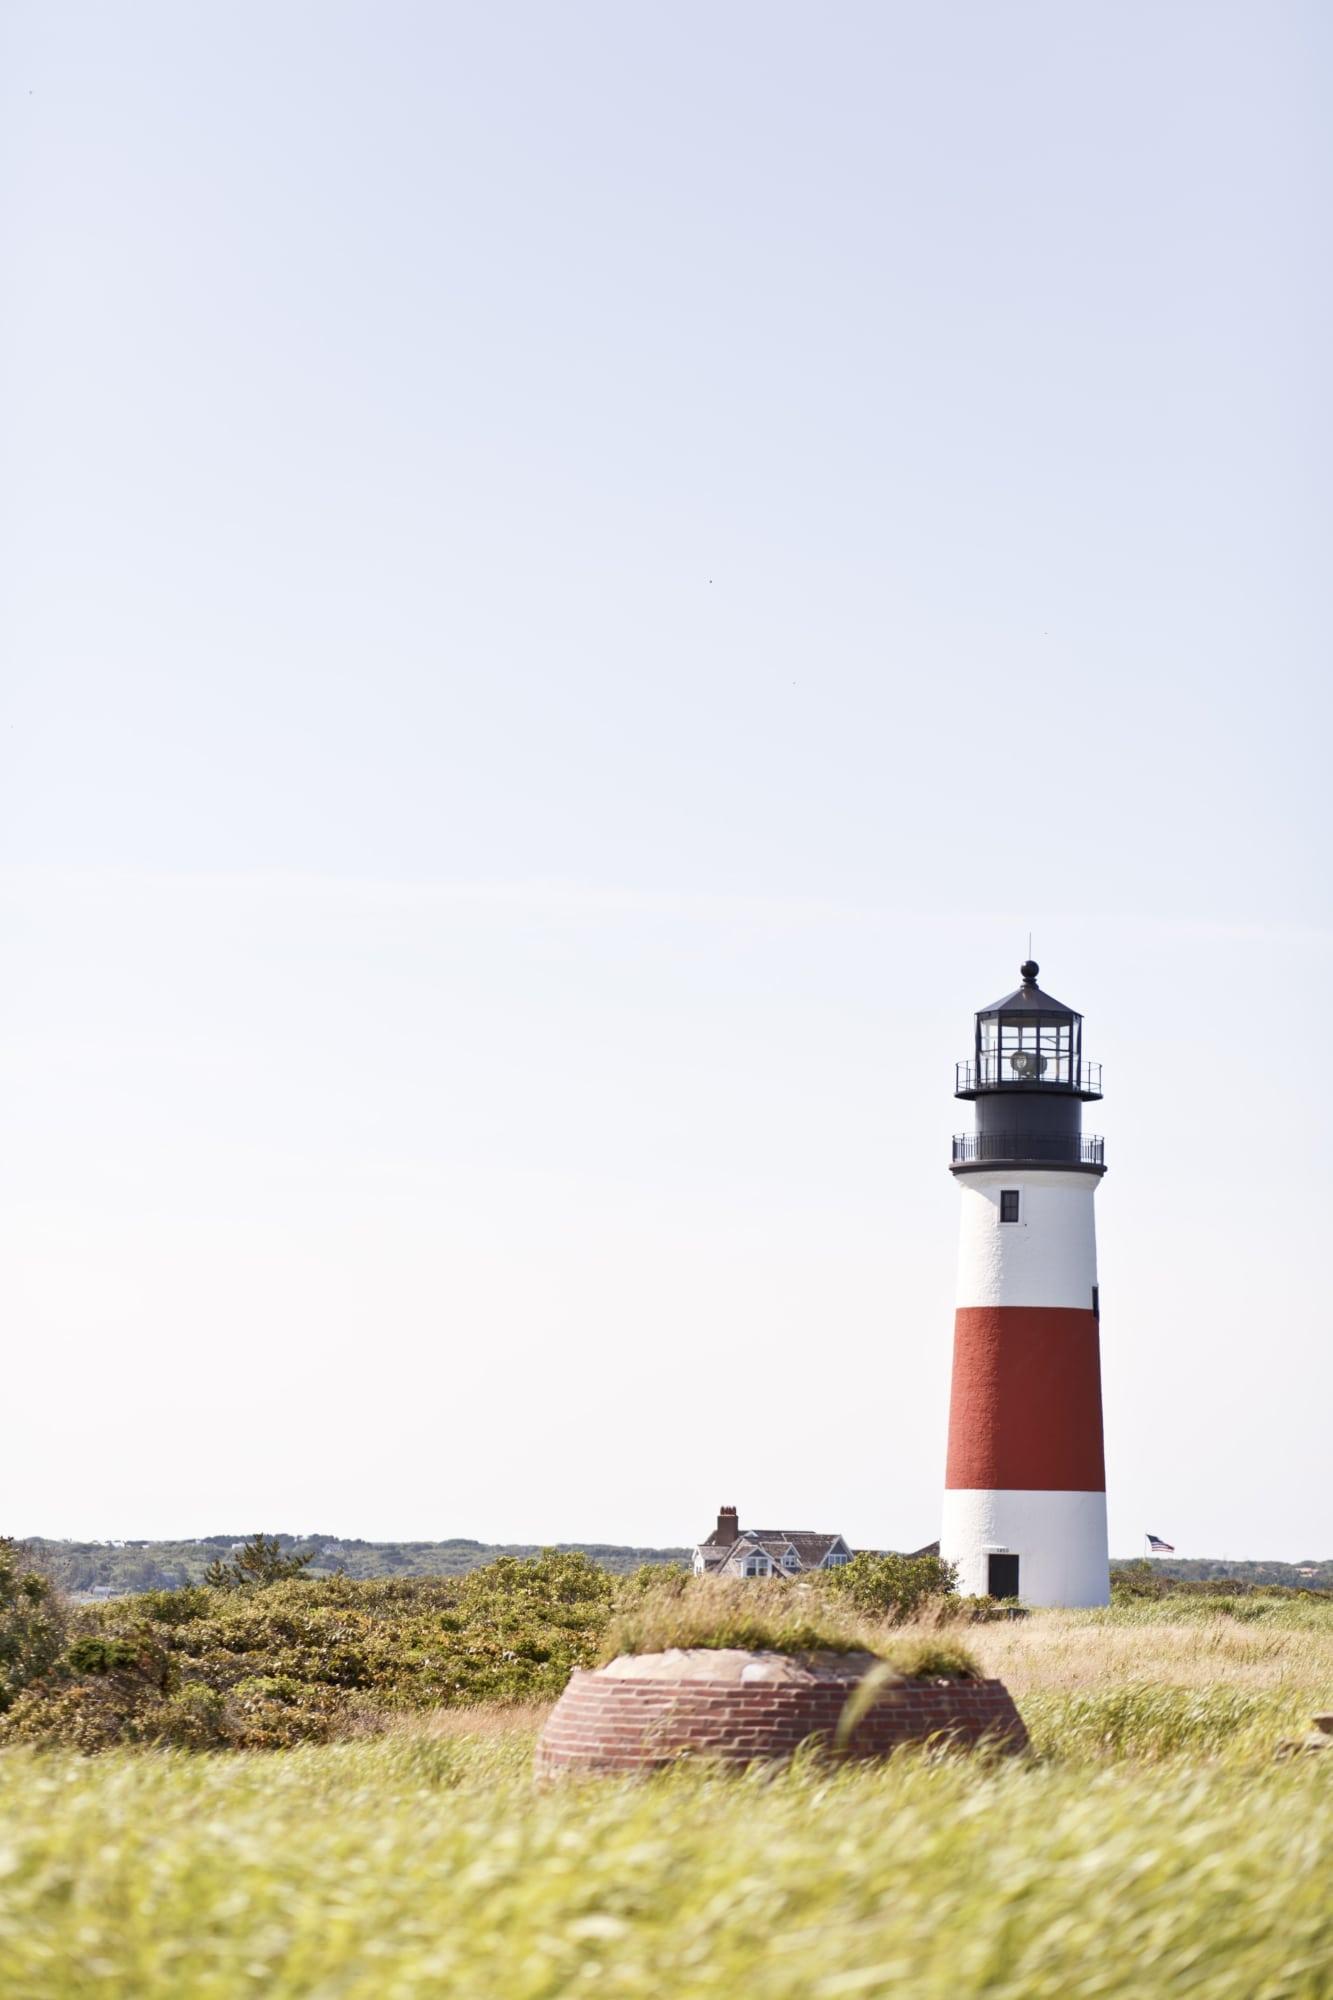 Sankaty Lighthouse on Nantucket